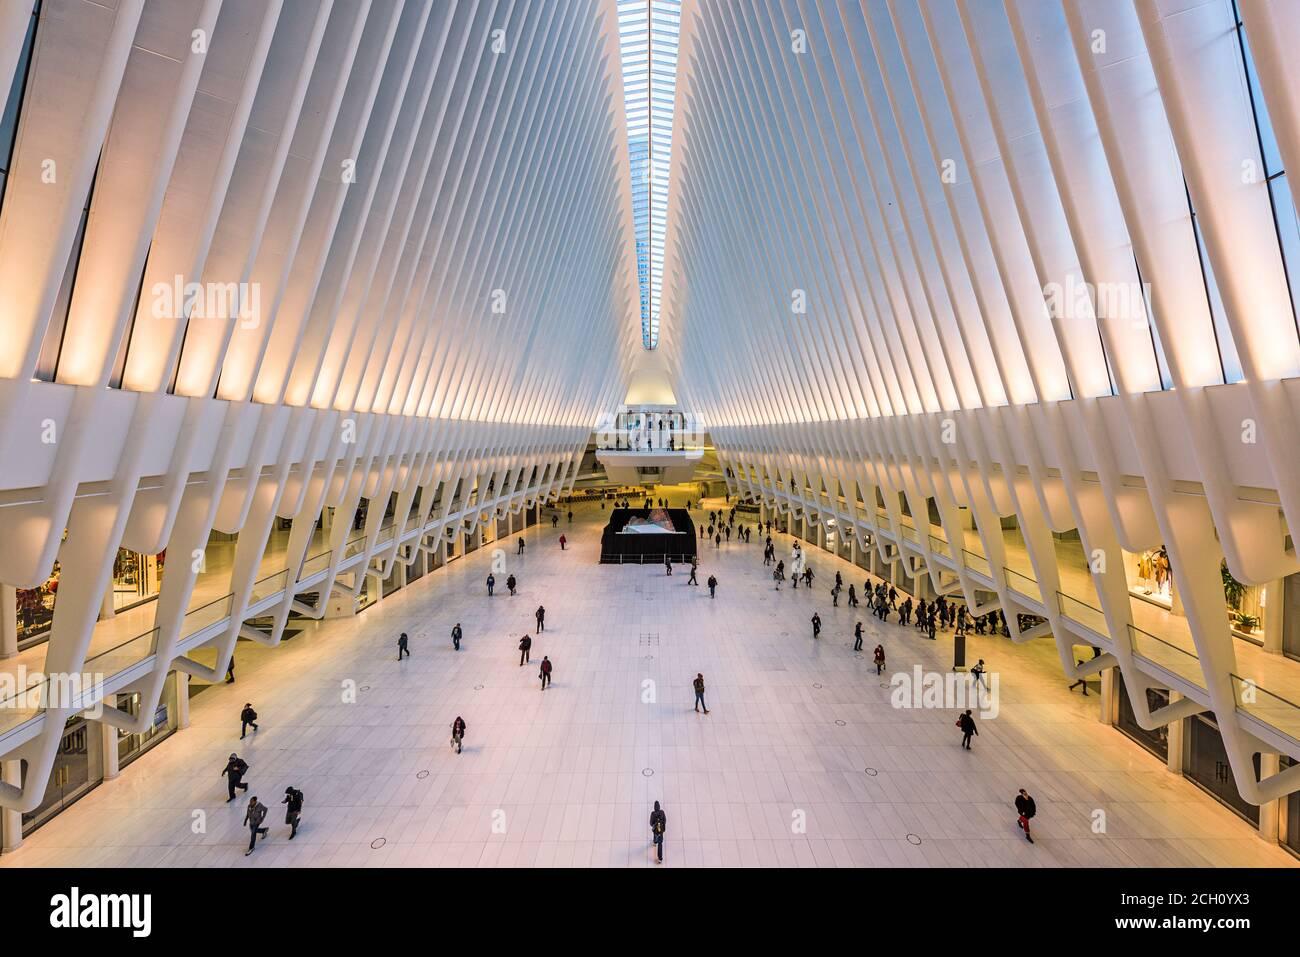 La VILLE DE NEW YORK, USA - 23 octobre 2016: Le World Trade Center Westfield Mall et centre des transports dans le Lower Manhattan. Banque D'Images